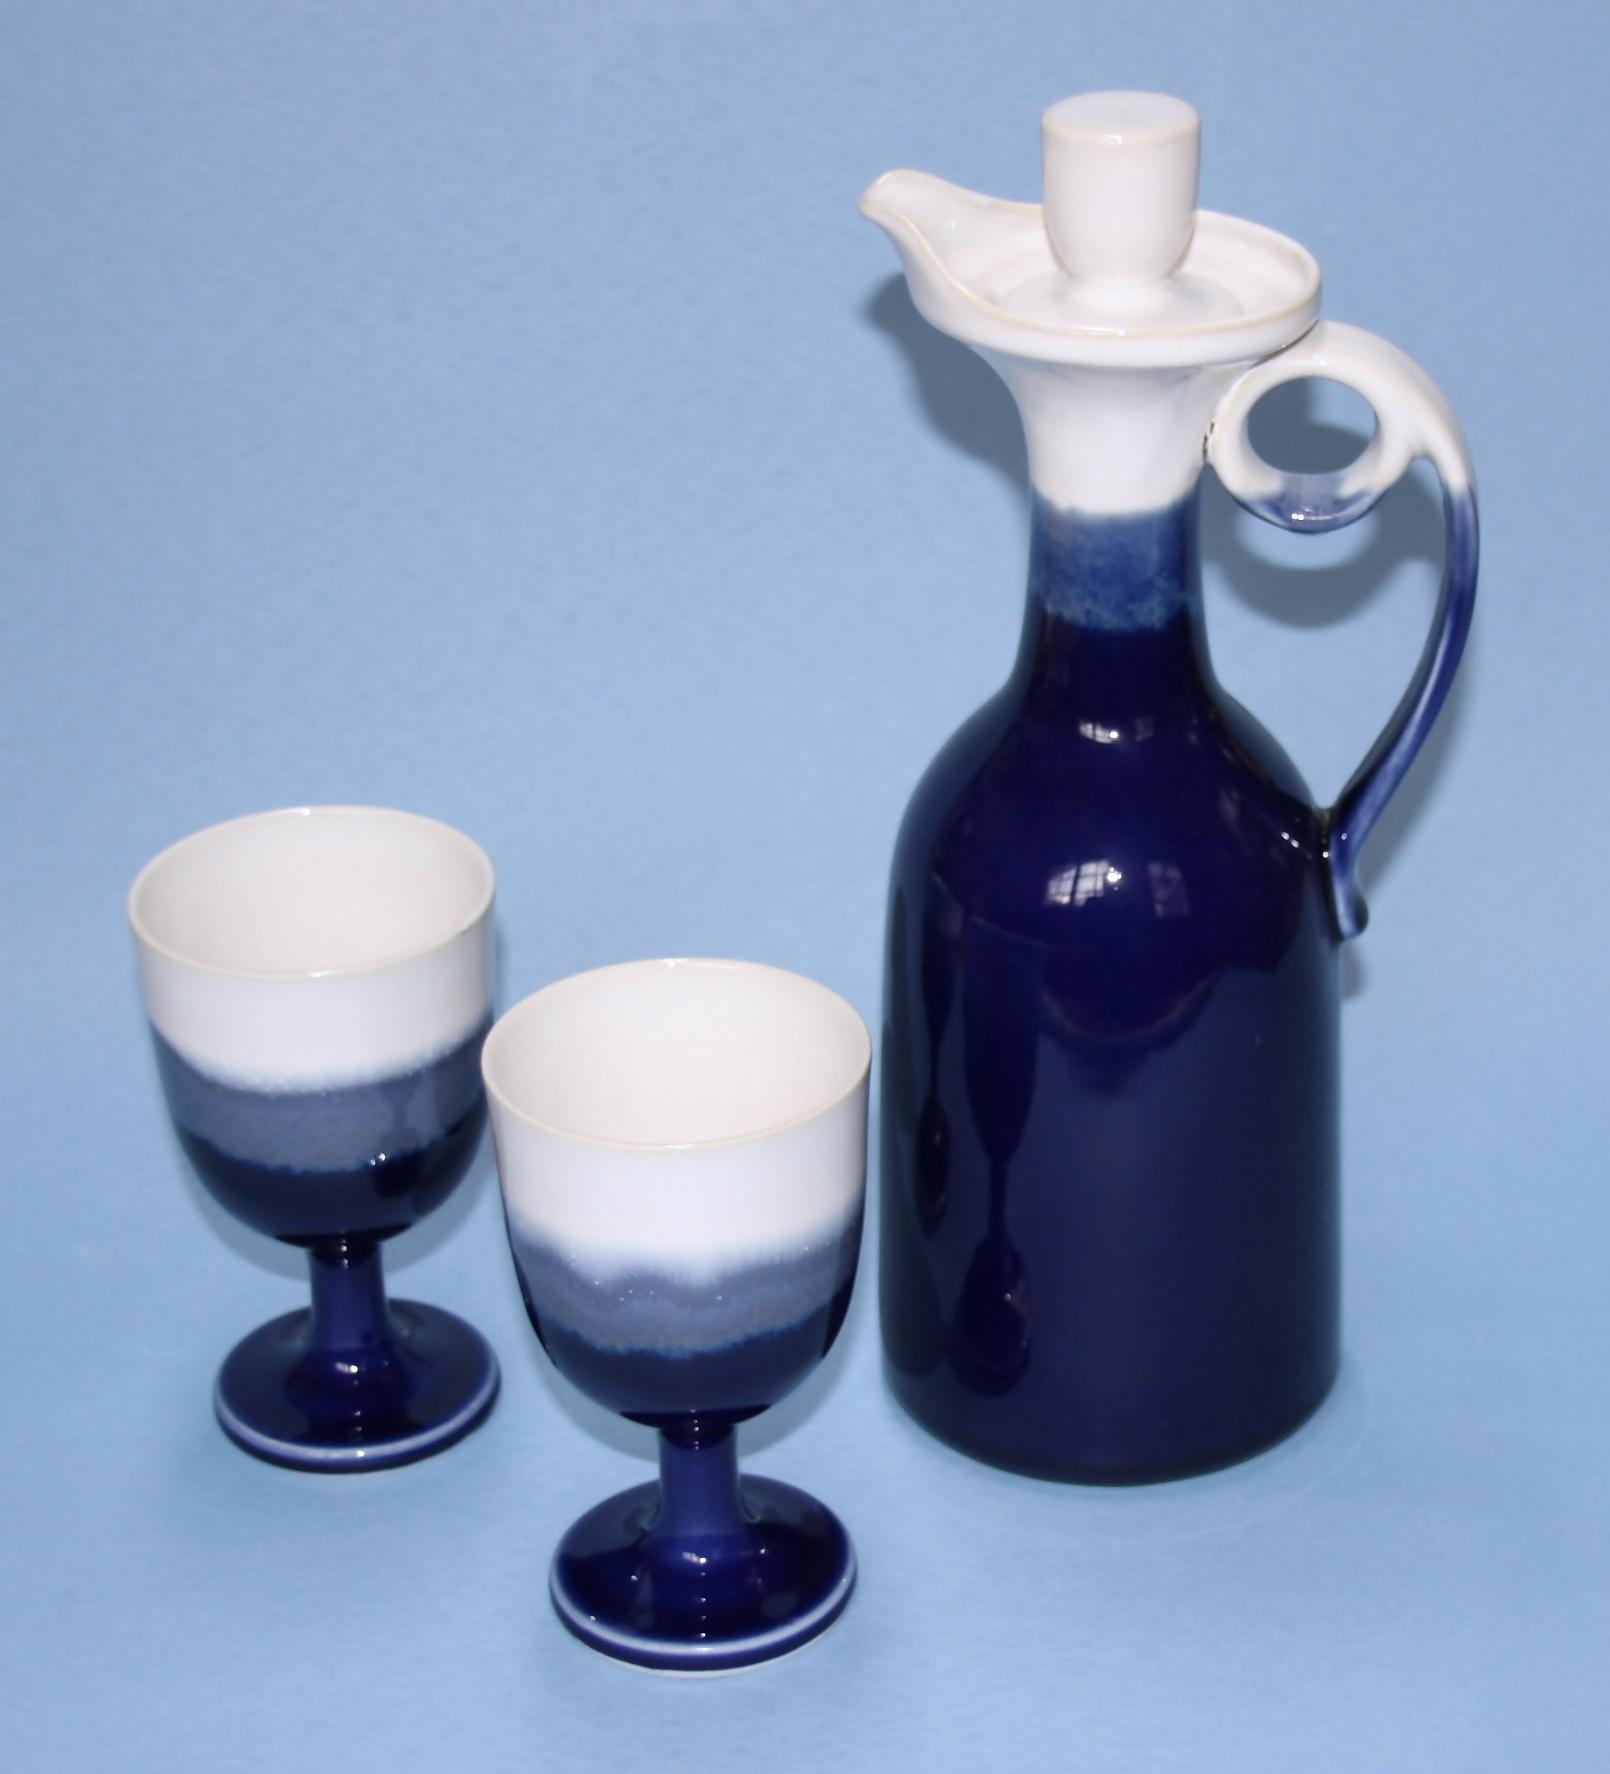 【先達窯】ロイヤルブルー ワインカップ